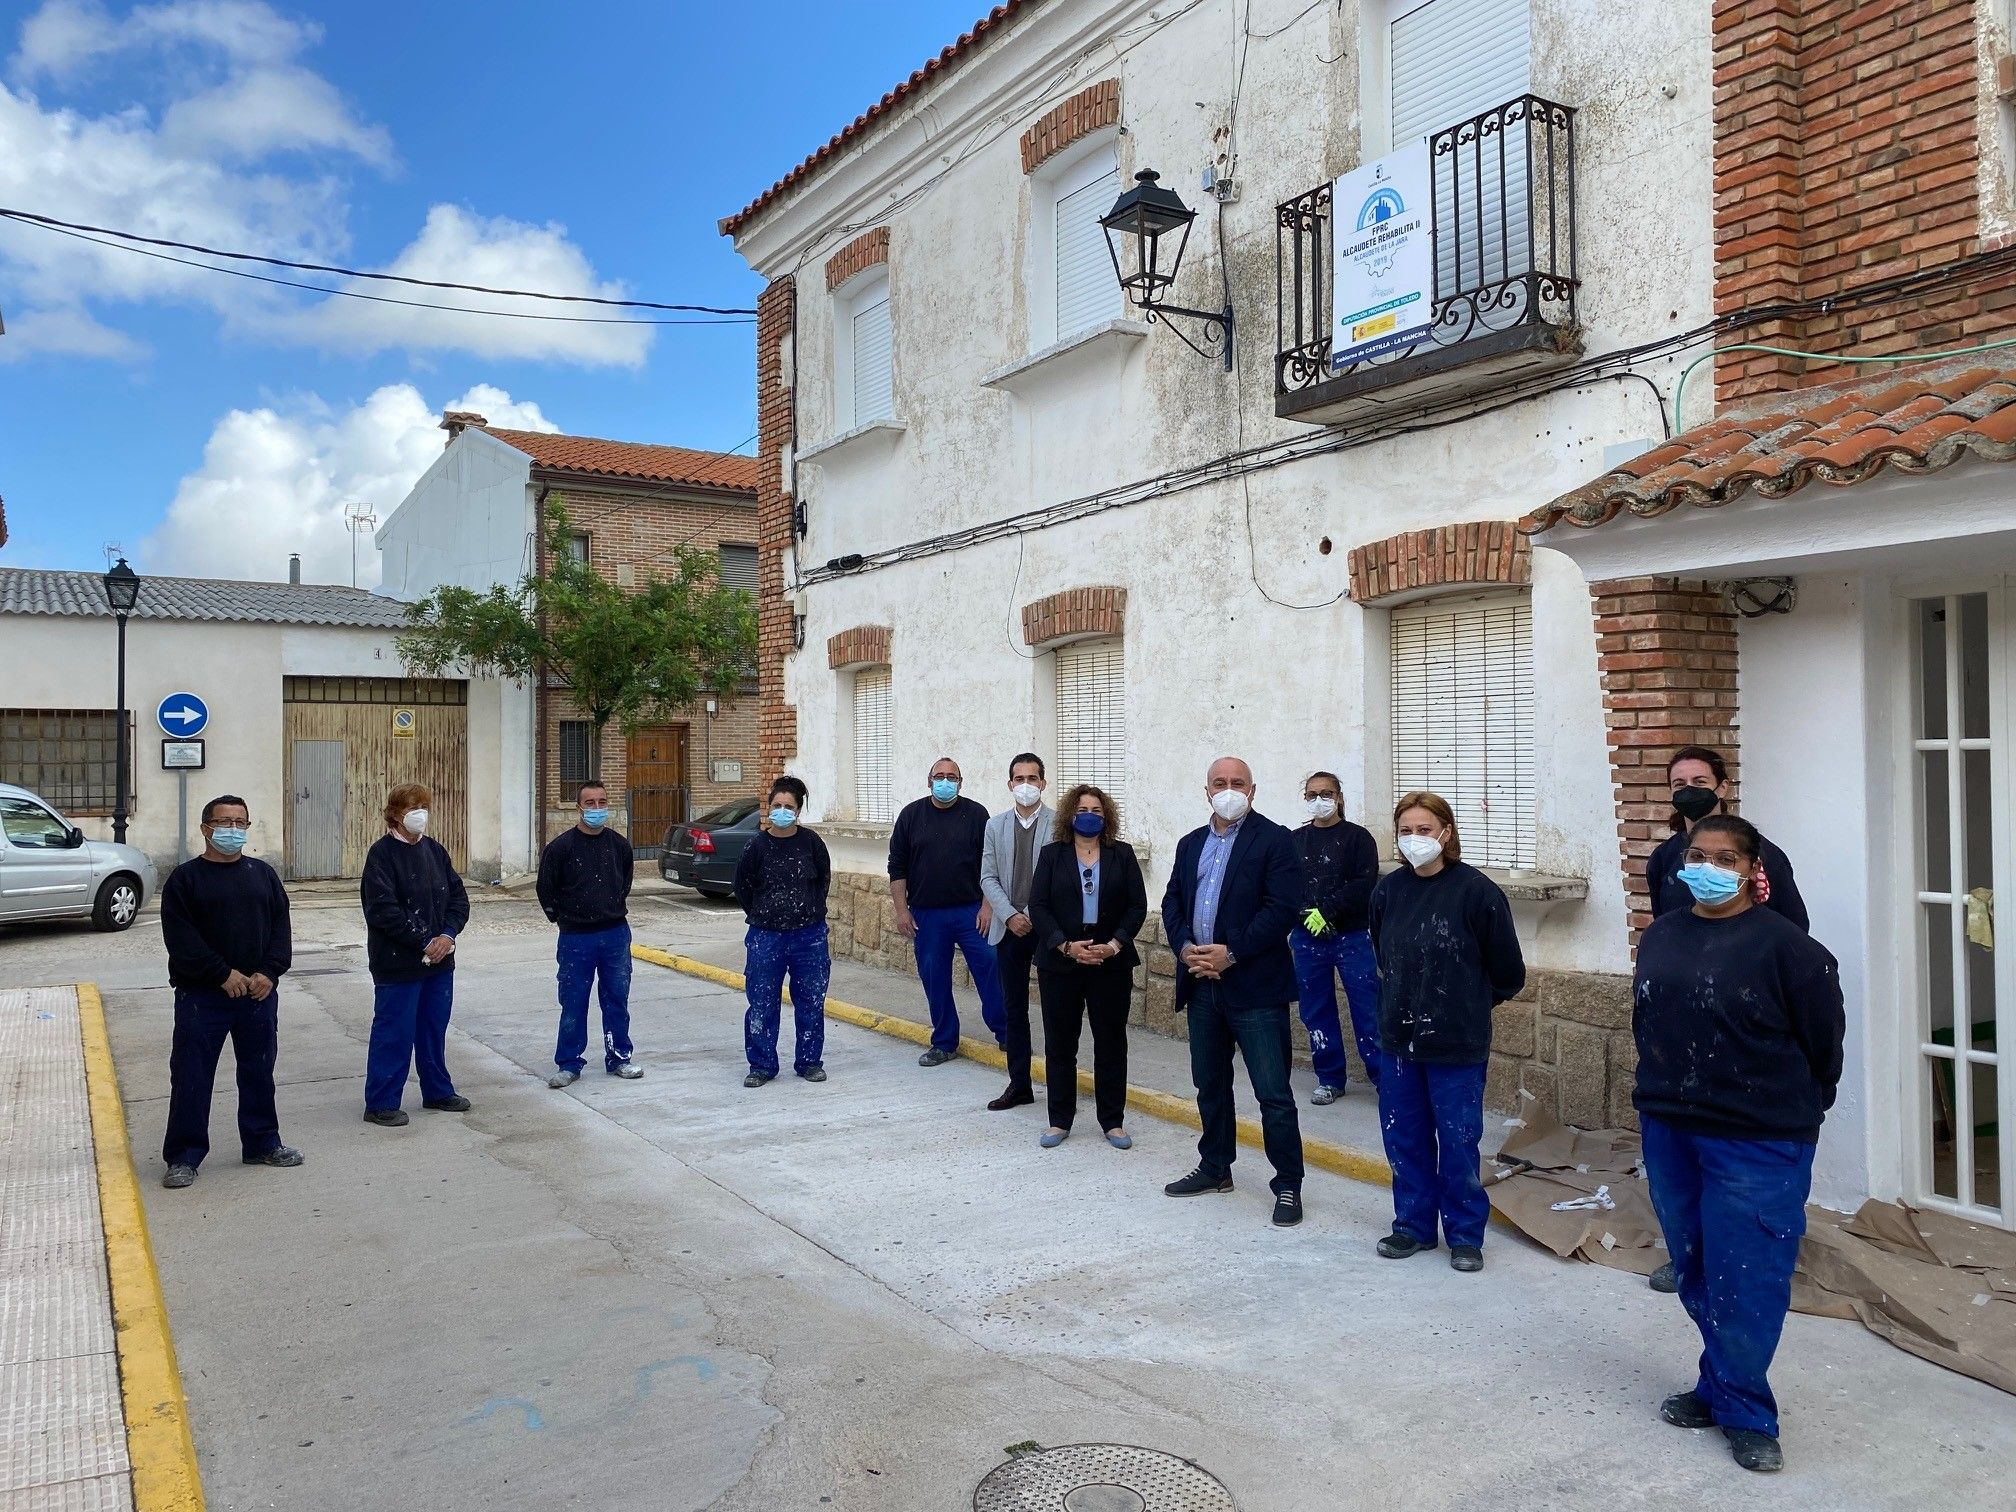 El Gobierno regional ha facilitado la formación y contratación de 16 personas desempleadas en Alcaudete de la Jara y San Bartolomé de las Abiertas a través del programa RECUAL